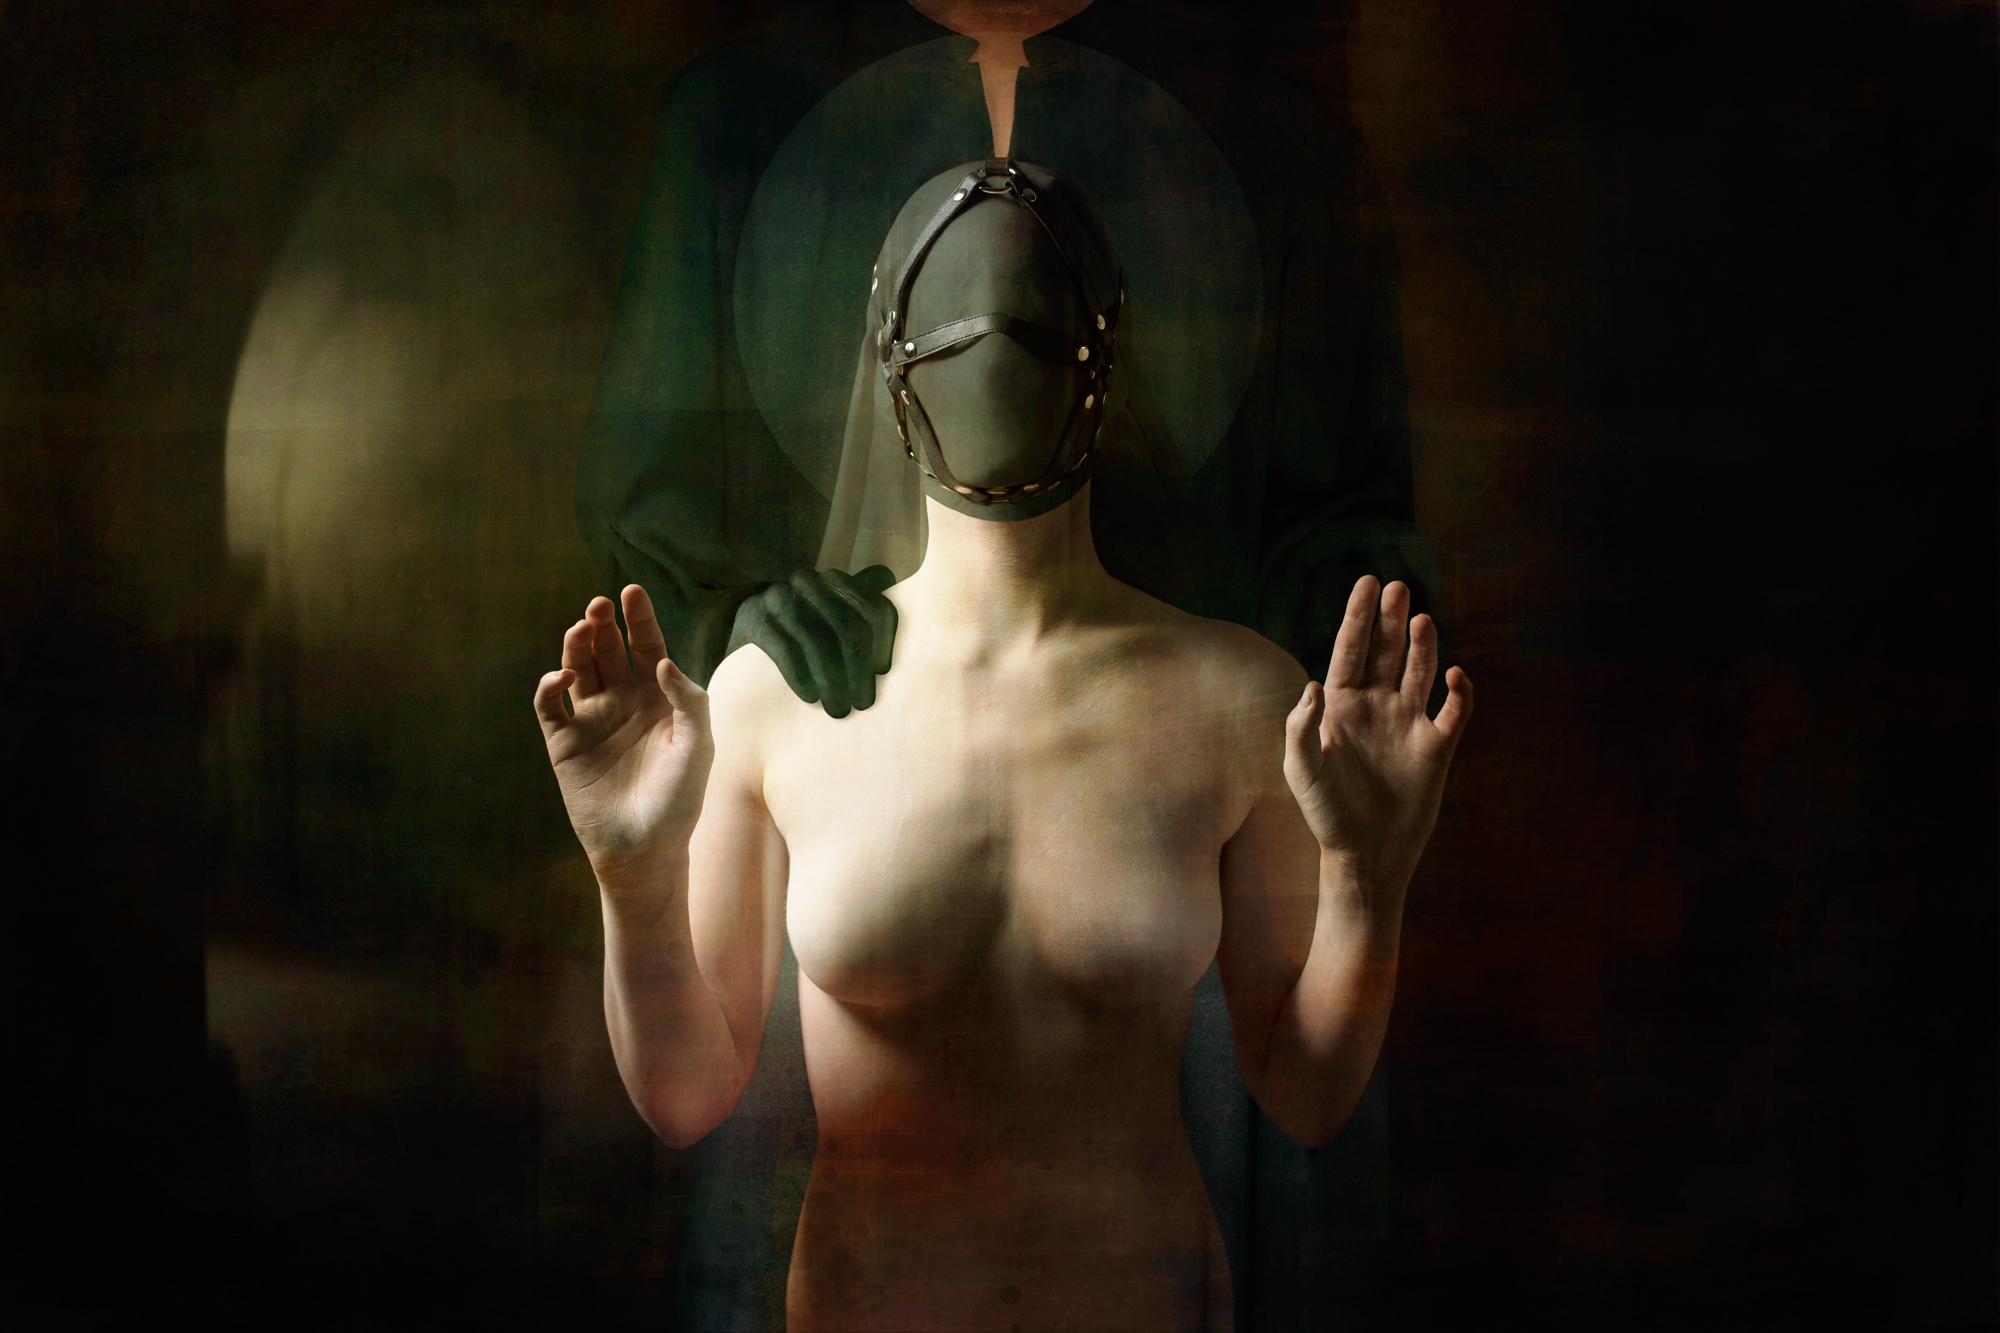 """[EQUILIBRIO]<br>Model : <u><a href=""""https://www.instagram.com/das.fraeulein.fuchs/"""">Das Fraülein Fuchs</a></u><br>Headpiece : <u><a href=""""https://www.instagram.com/noraly_cyberesque/"""">Cyberesque</a></u><br><u><a href=""""http://www.nihil.fr/product/equilibrio/"""">Order a print</a></u>"""